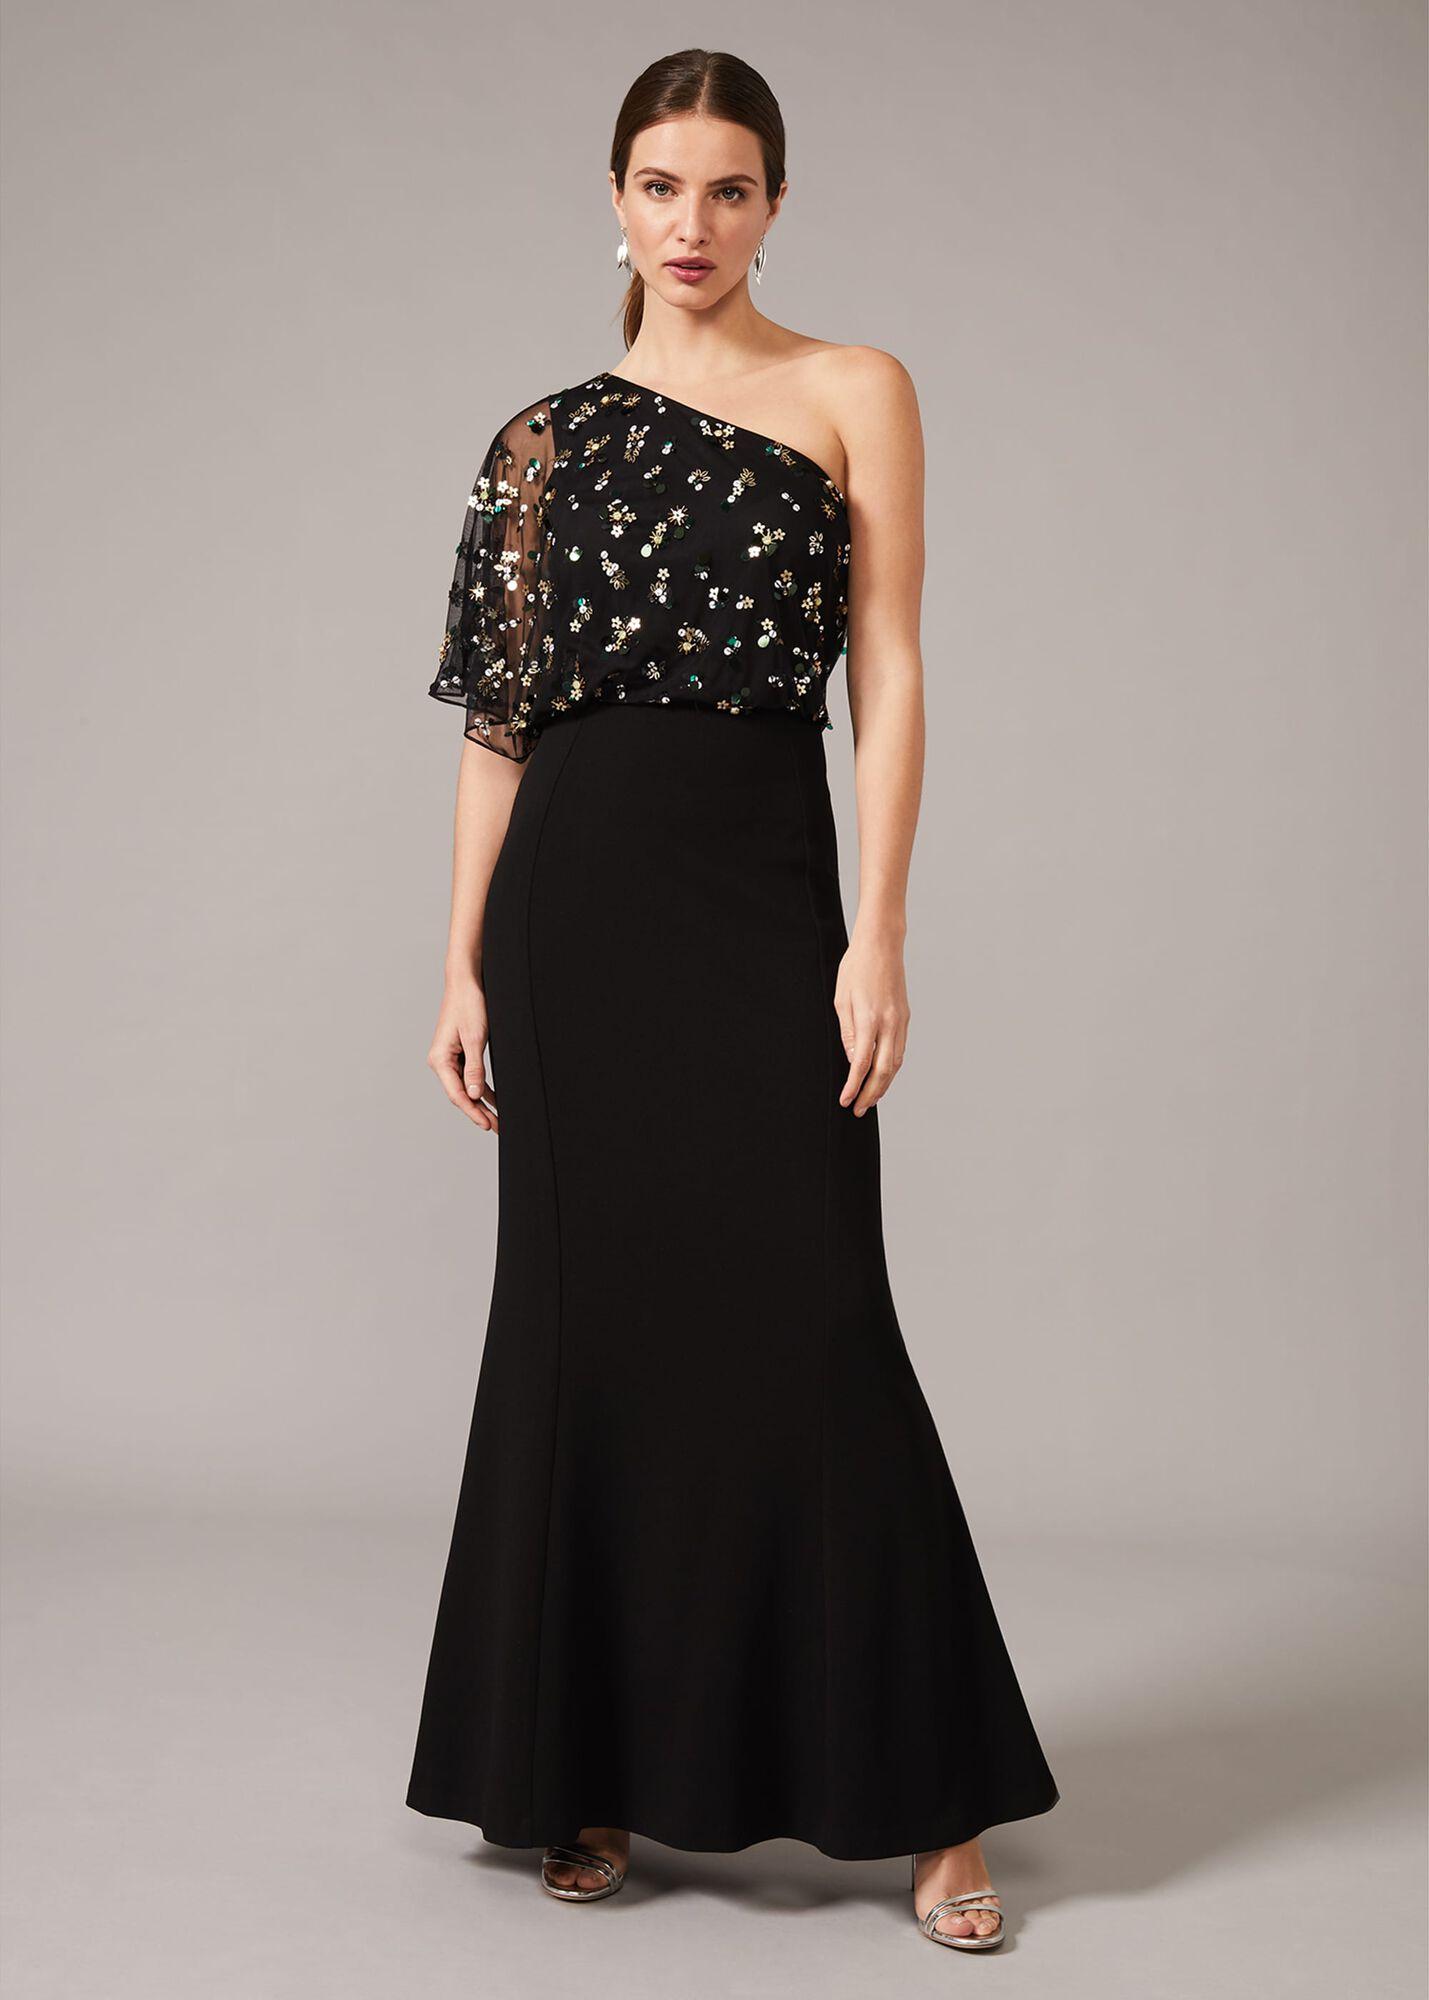 220070050-01-adele-sequinned-one-shoulder-dress.jpg?sw=1429&sh=2000&strip=false